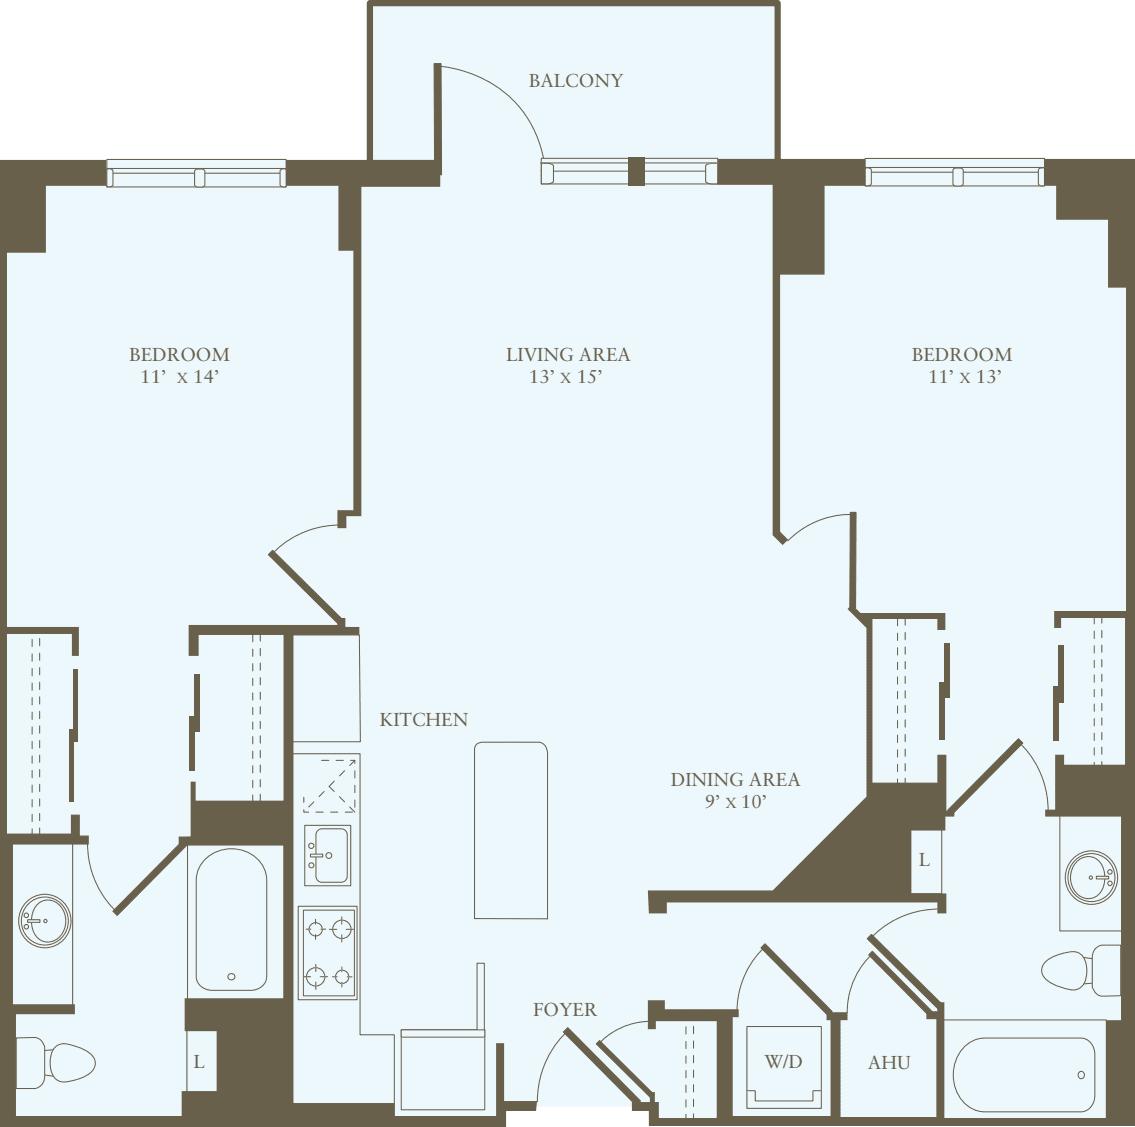 2 Bedrooms U